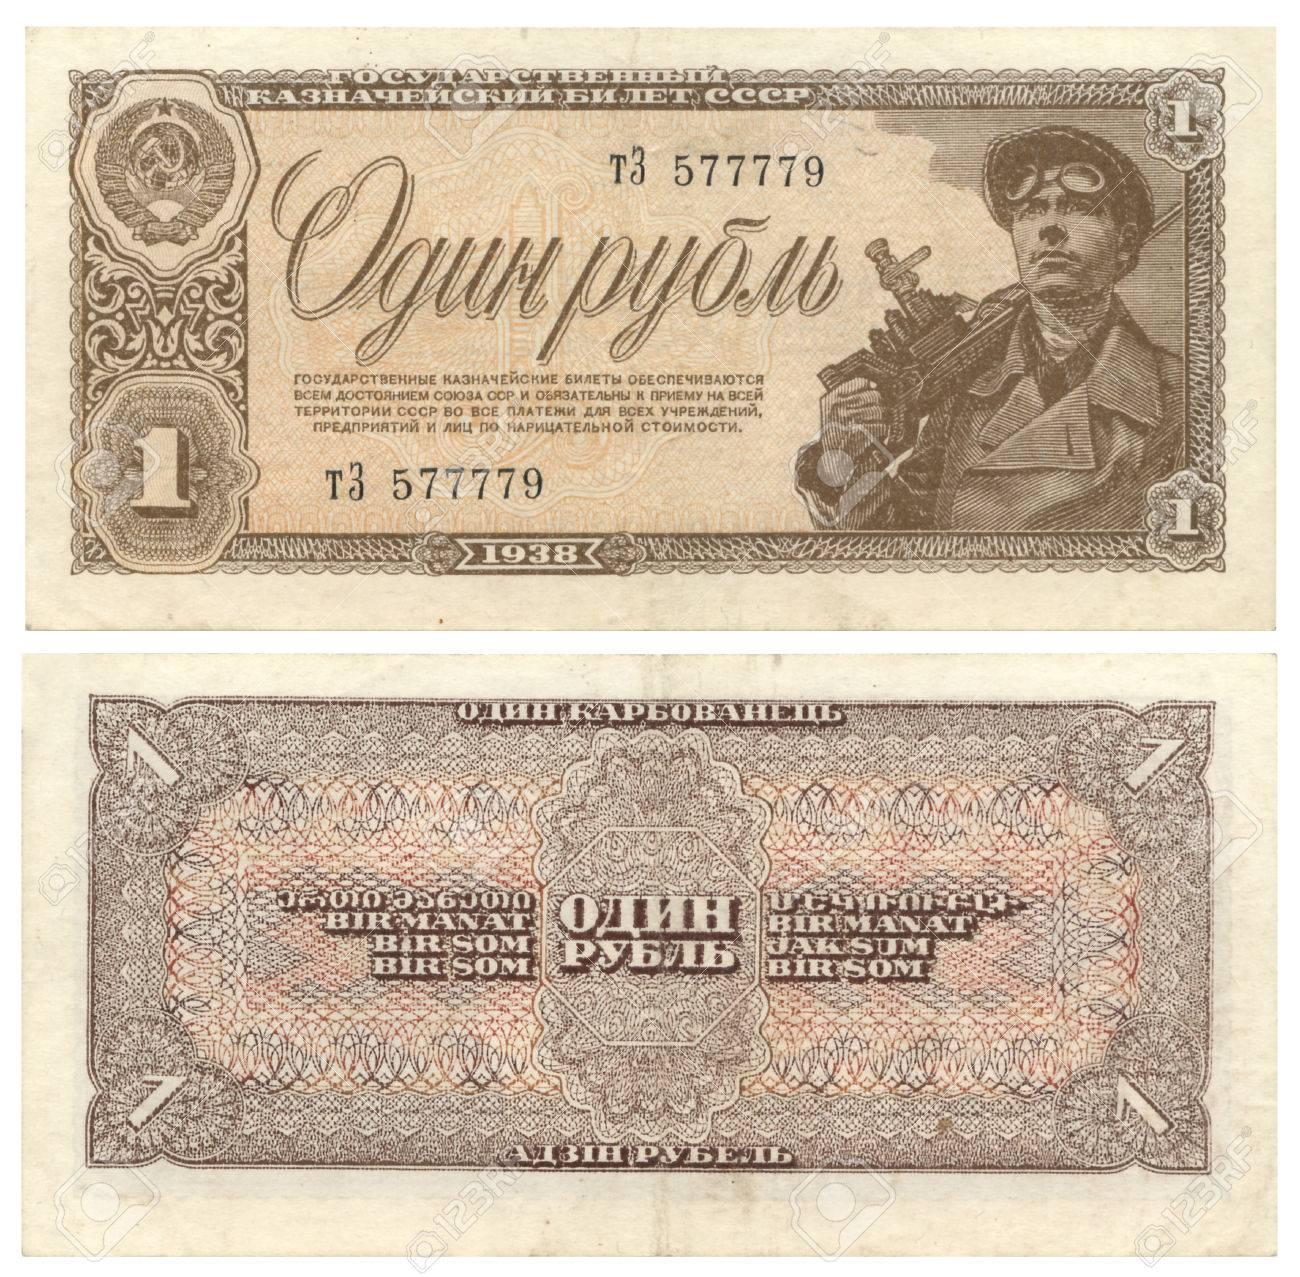 1938 年からロシア ソビエト 1 ルーブル紙幣 の写真素材・画像素材 ...